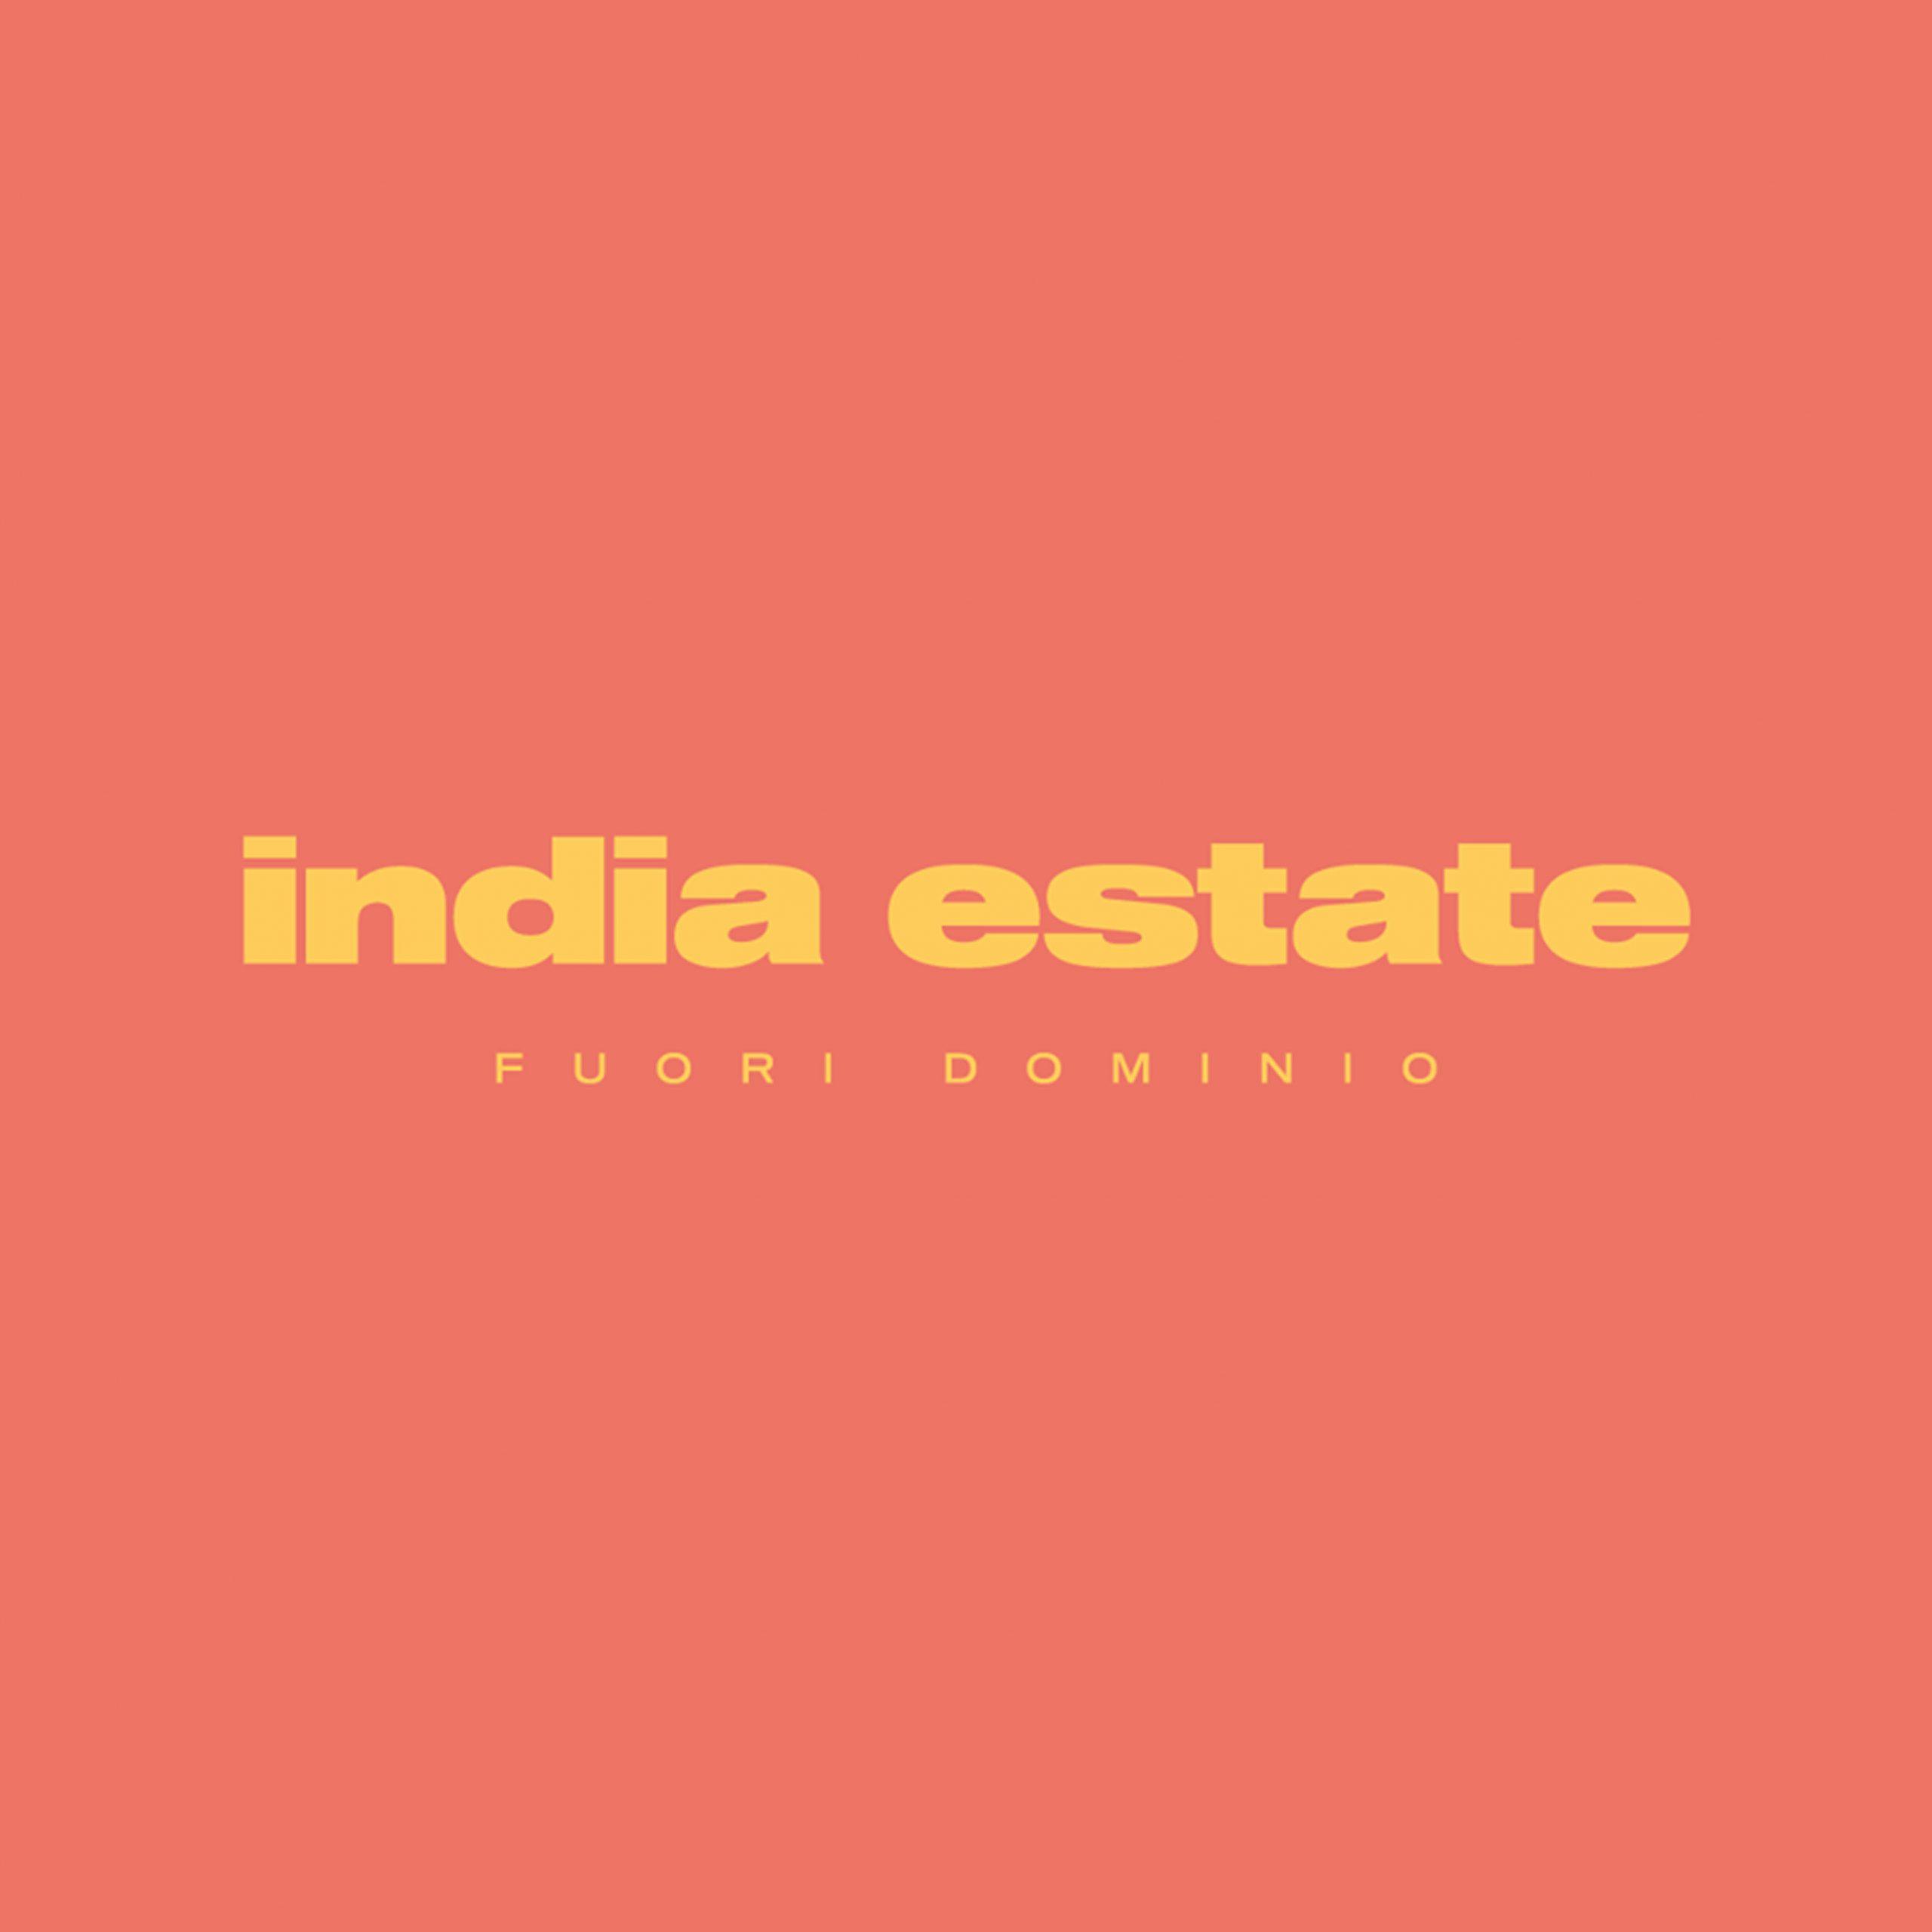 India Estate